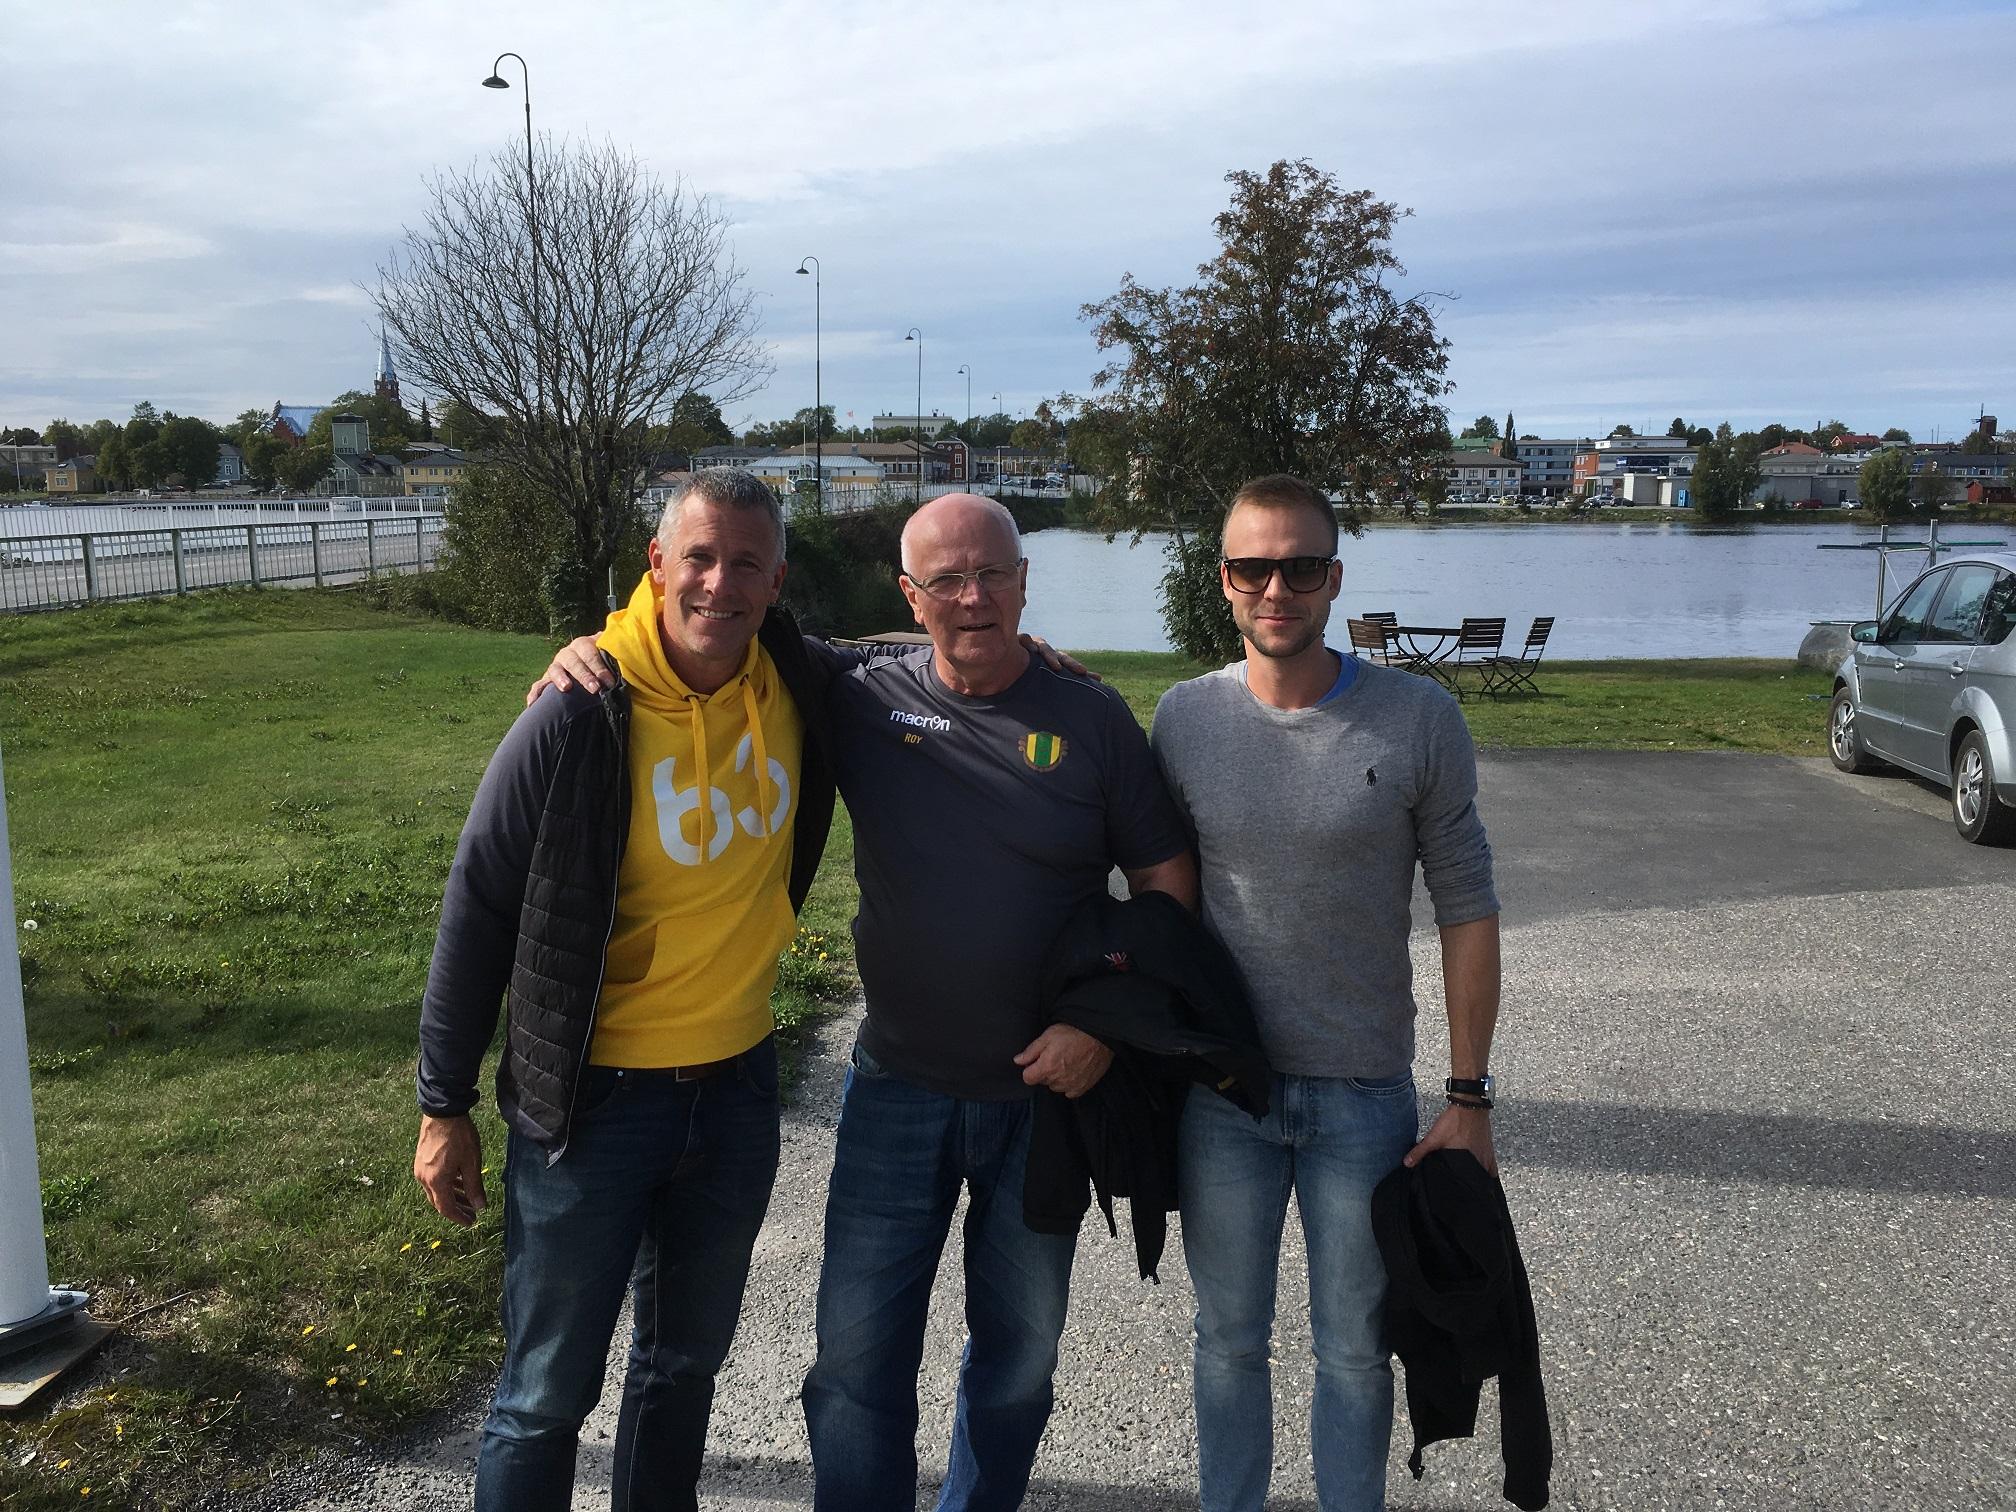 Roy Rosenback tillsammans med söner Tommy och Patrik i Kristinestad 2018.